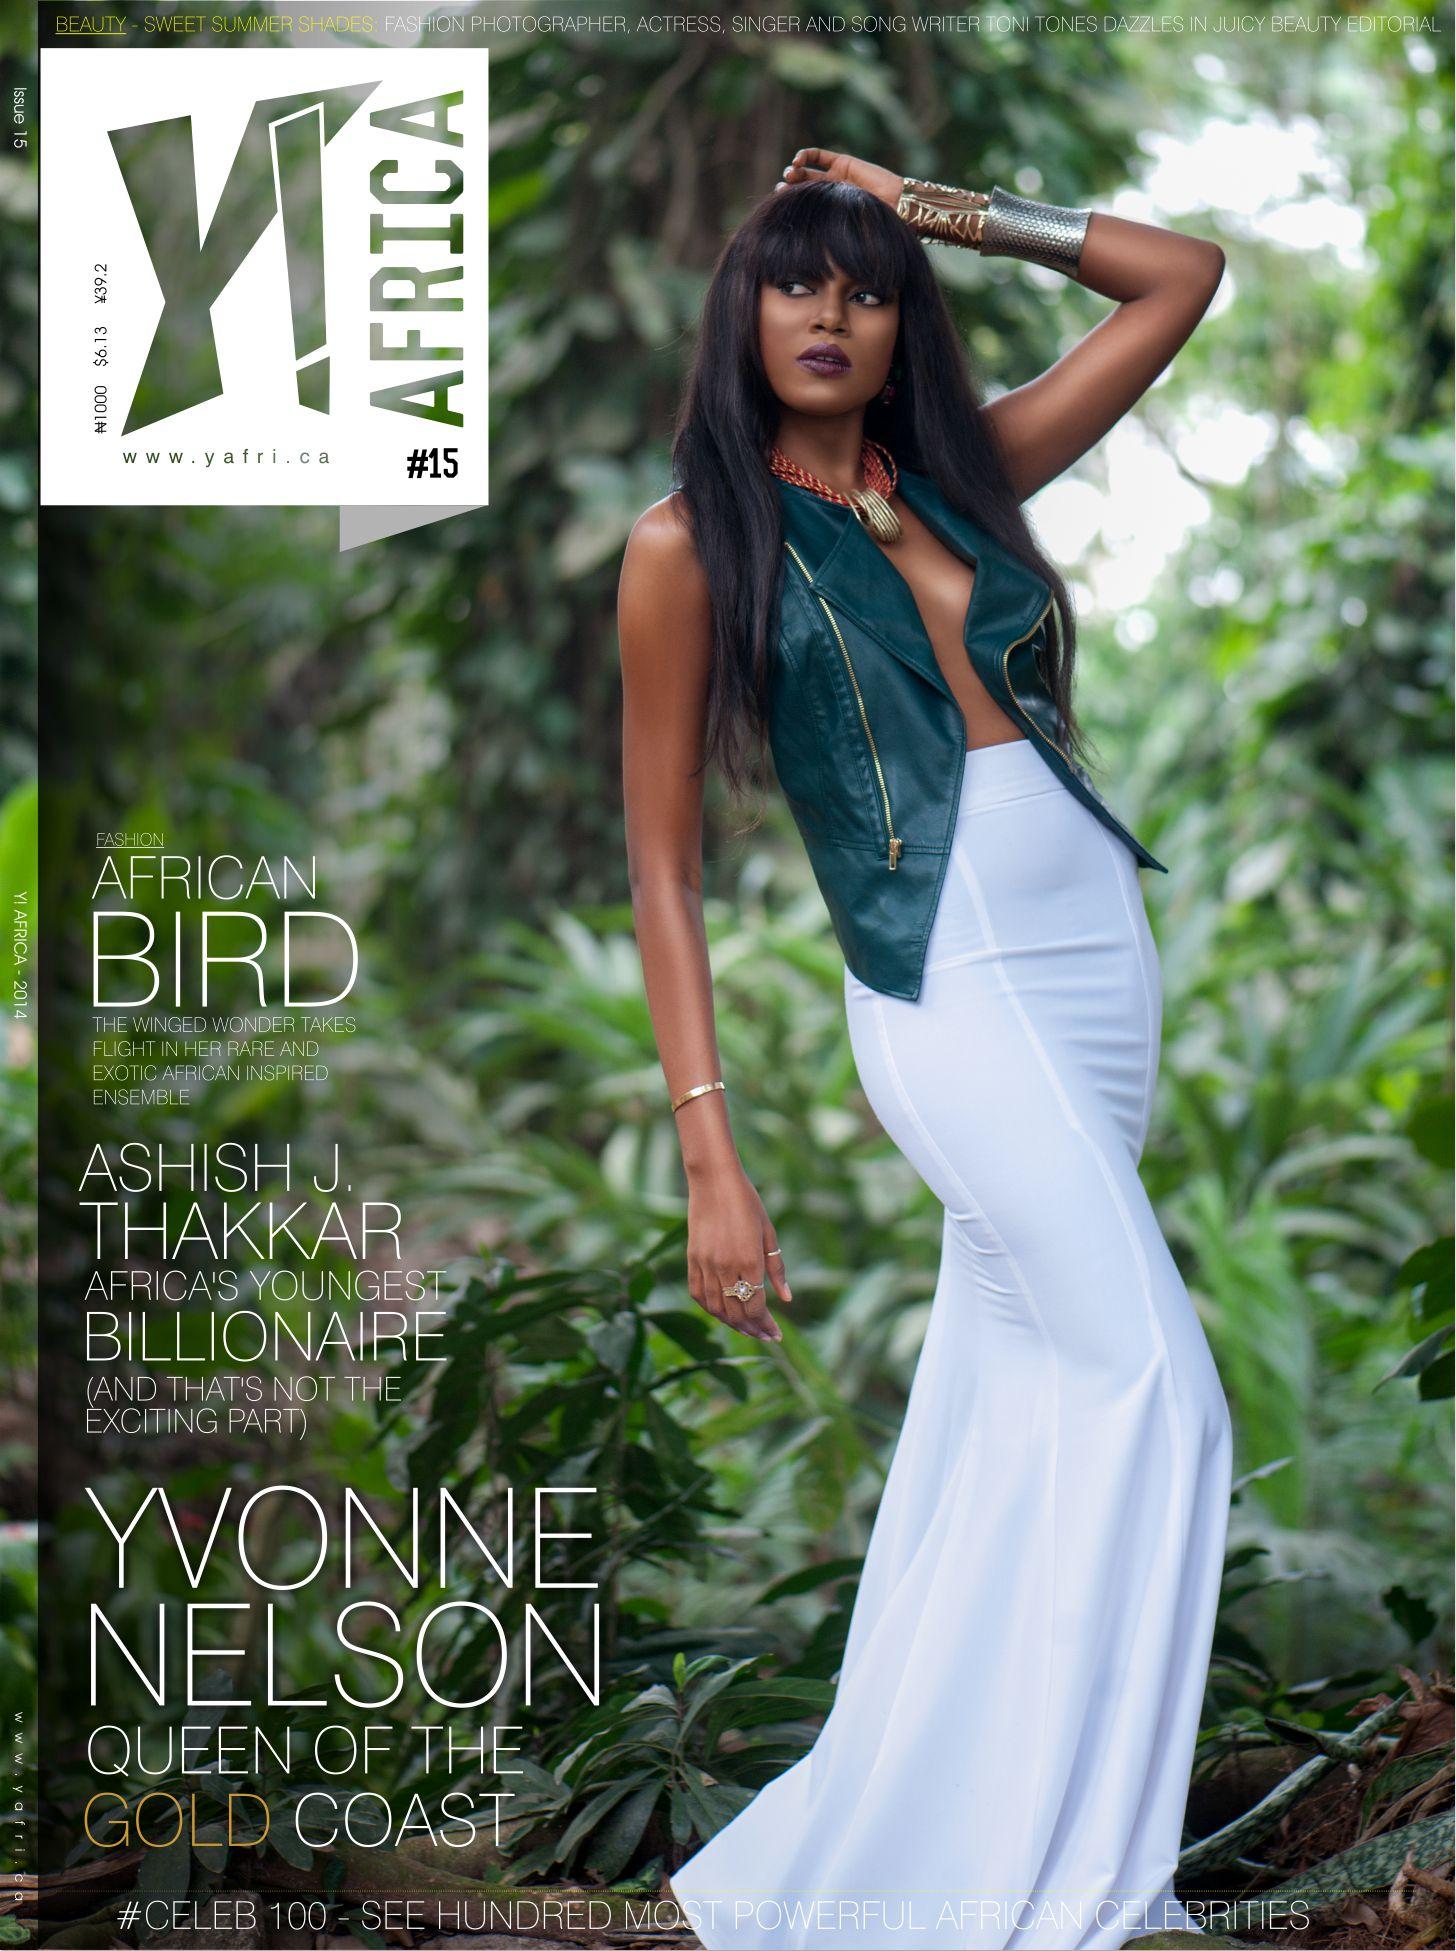 Y! Africa - Yvonne